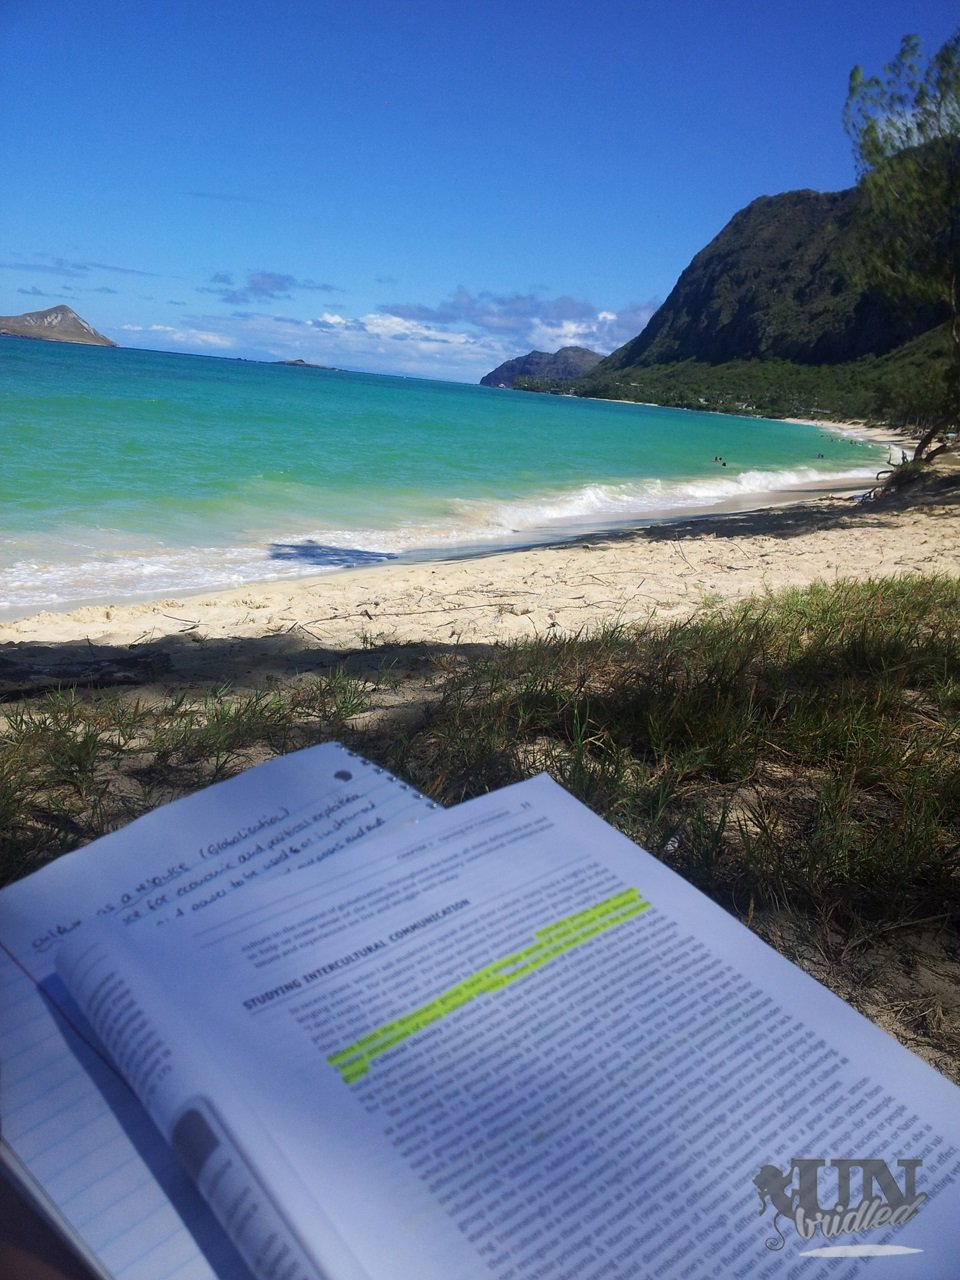 Mit Büchern am Strand lernen, Berge im Hintergrund, blaues Meer